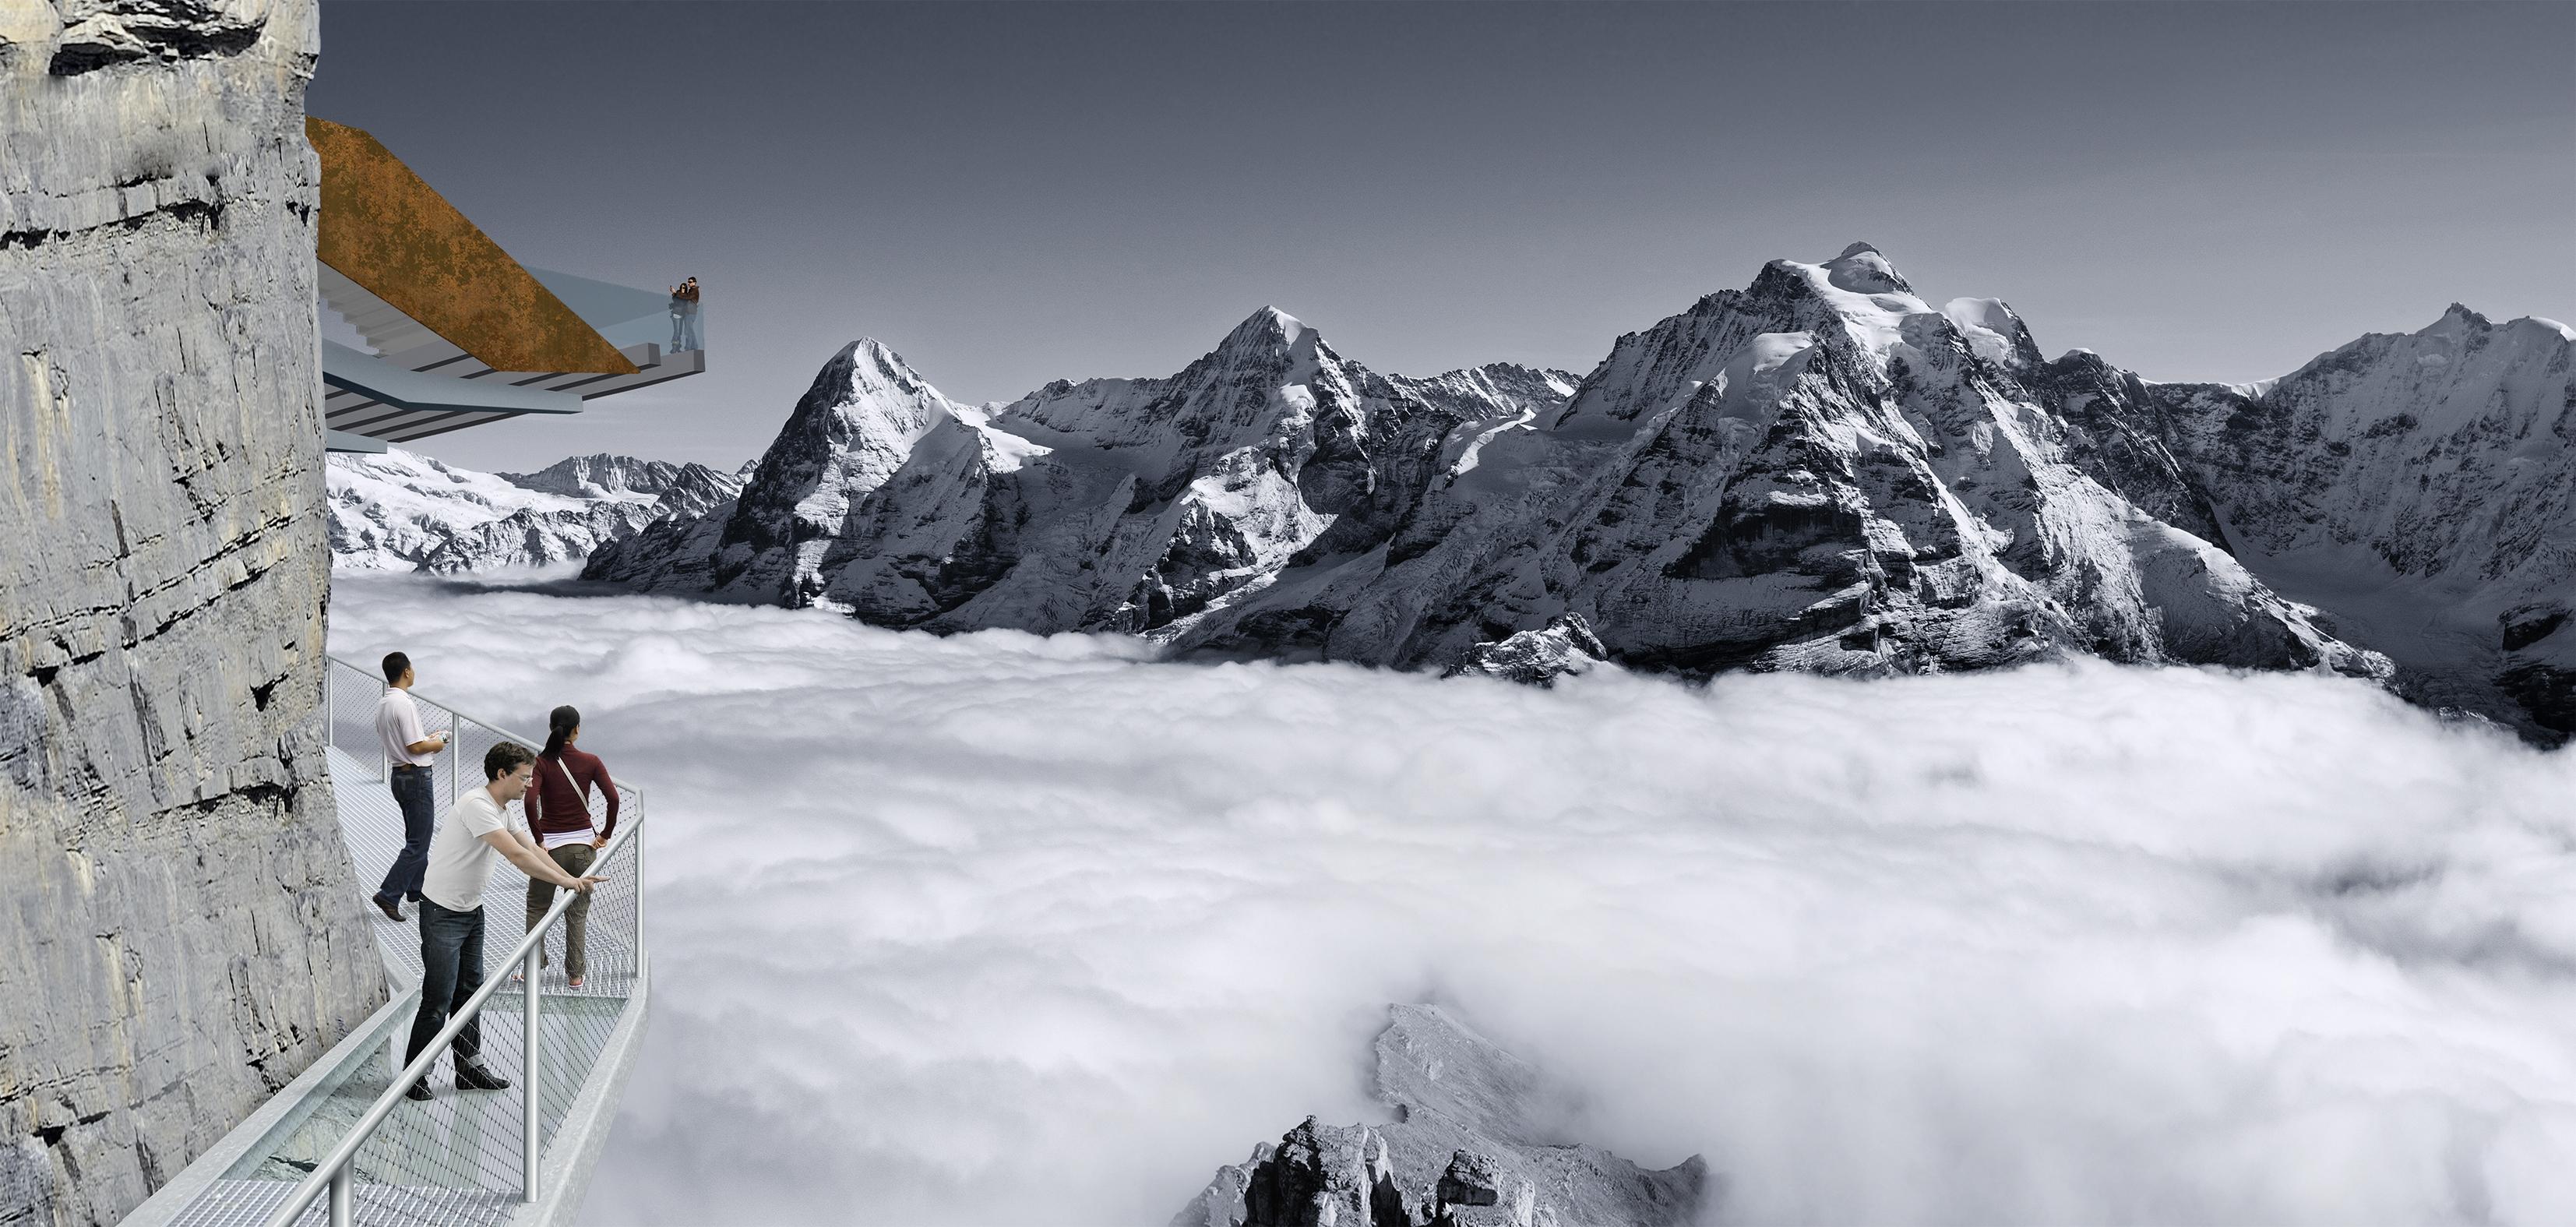 Après le Skyline Walk, un nouveau booster d'adrénaline, le Thrill Walk dans la région de la Jungfrau. Il longera la paroi verticale du massif rocheux. Ouverture juillet 2016. Crédit Switzerland Tourism.